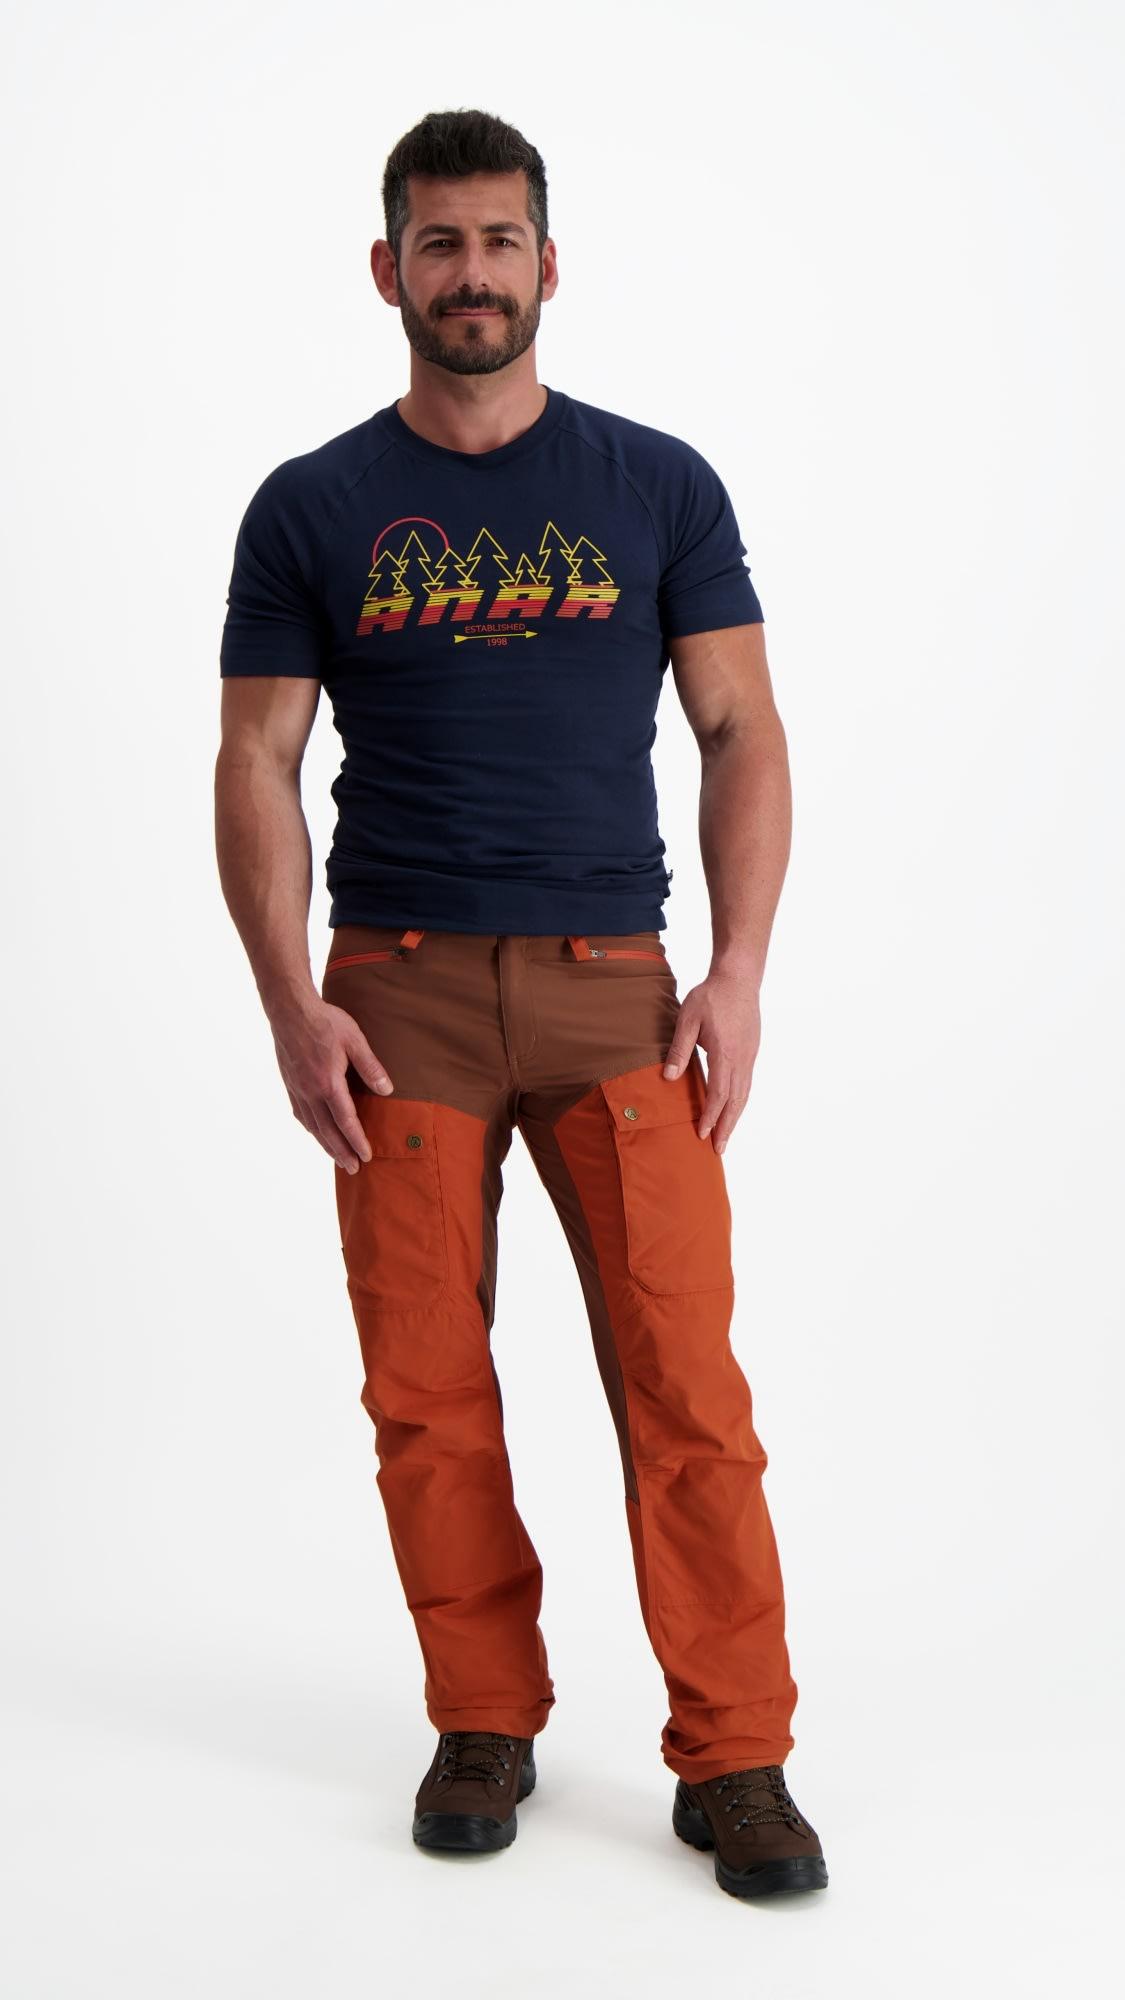 Anar Muorra miesten ulkoilutakki, oranssi | Miesten takit